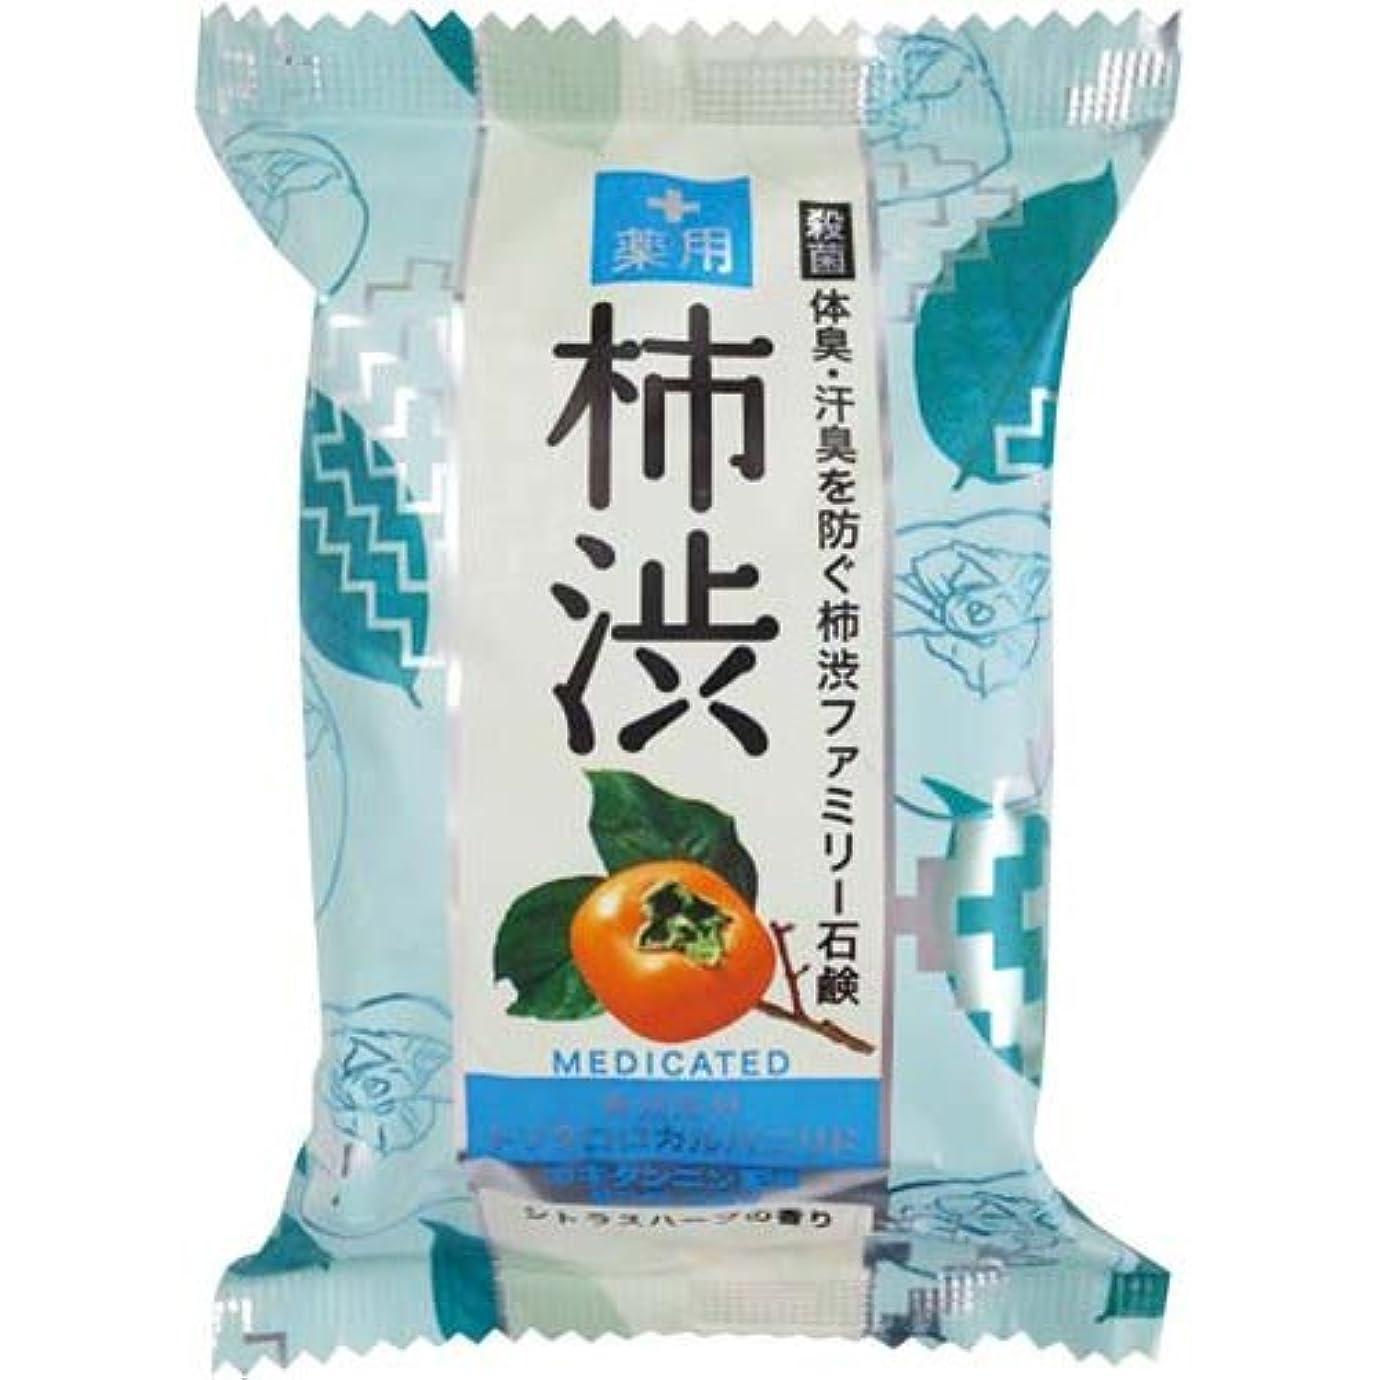 ケント恐れ要塞ペリカン石鹸 薬用ファミリー柿渋石鹸×6個×4箱